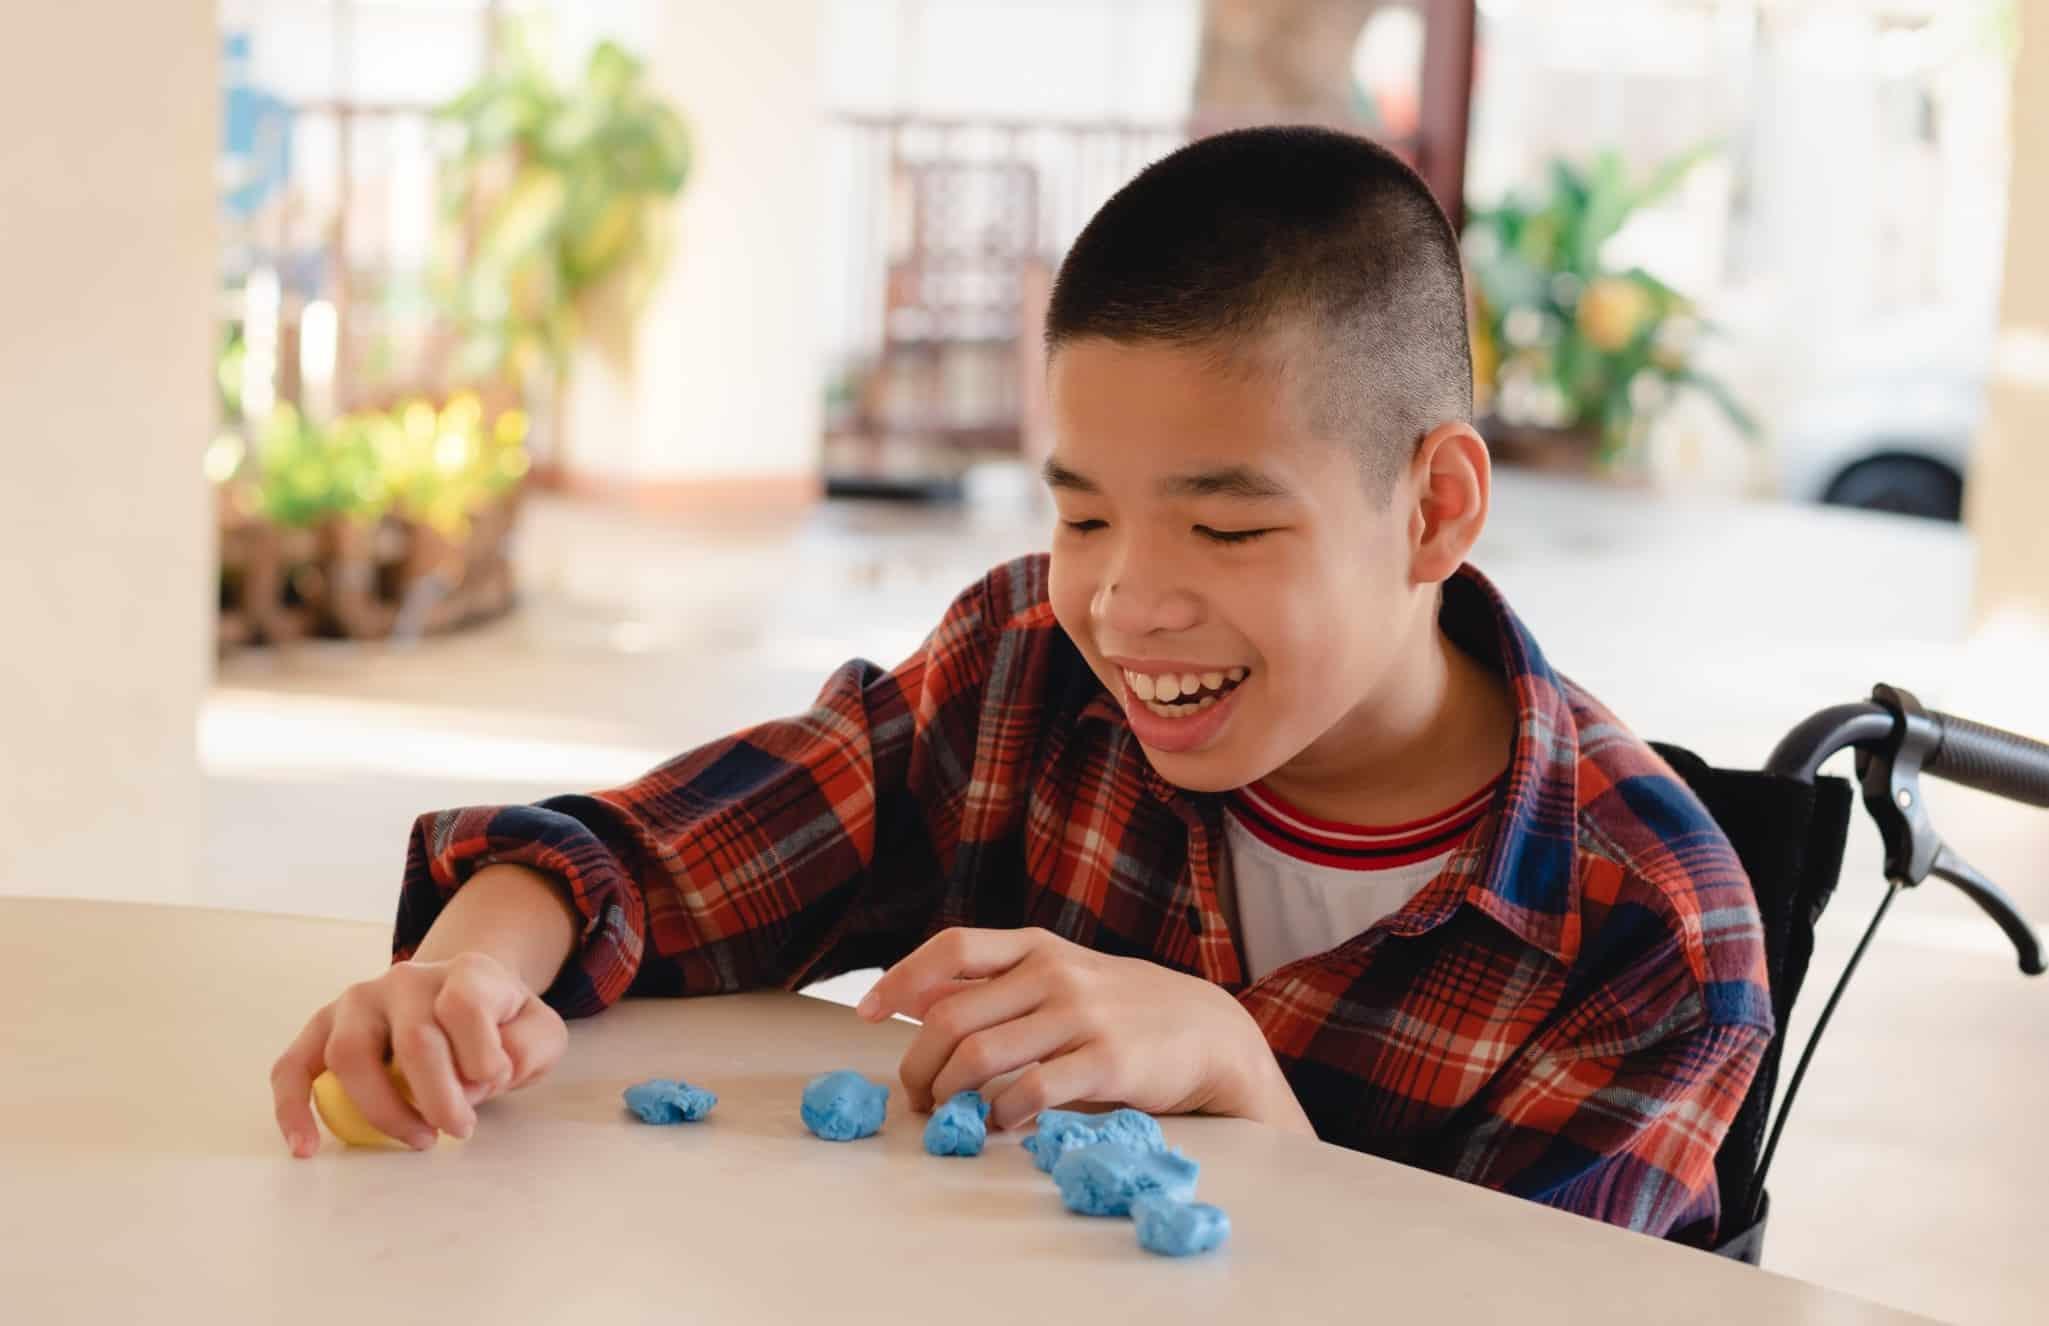 criança de cadeiras de rodas a brincar em cima da mesa